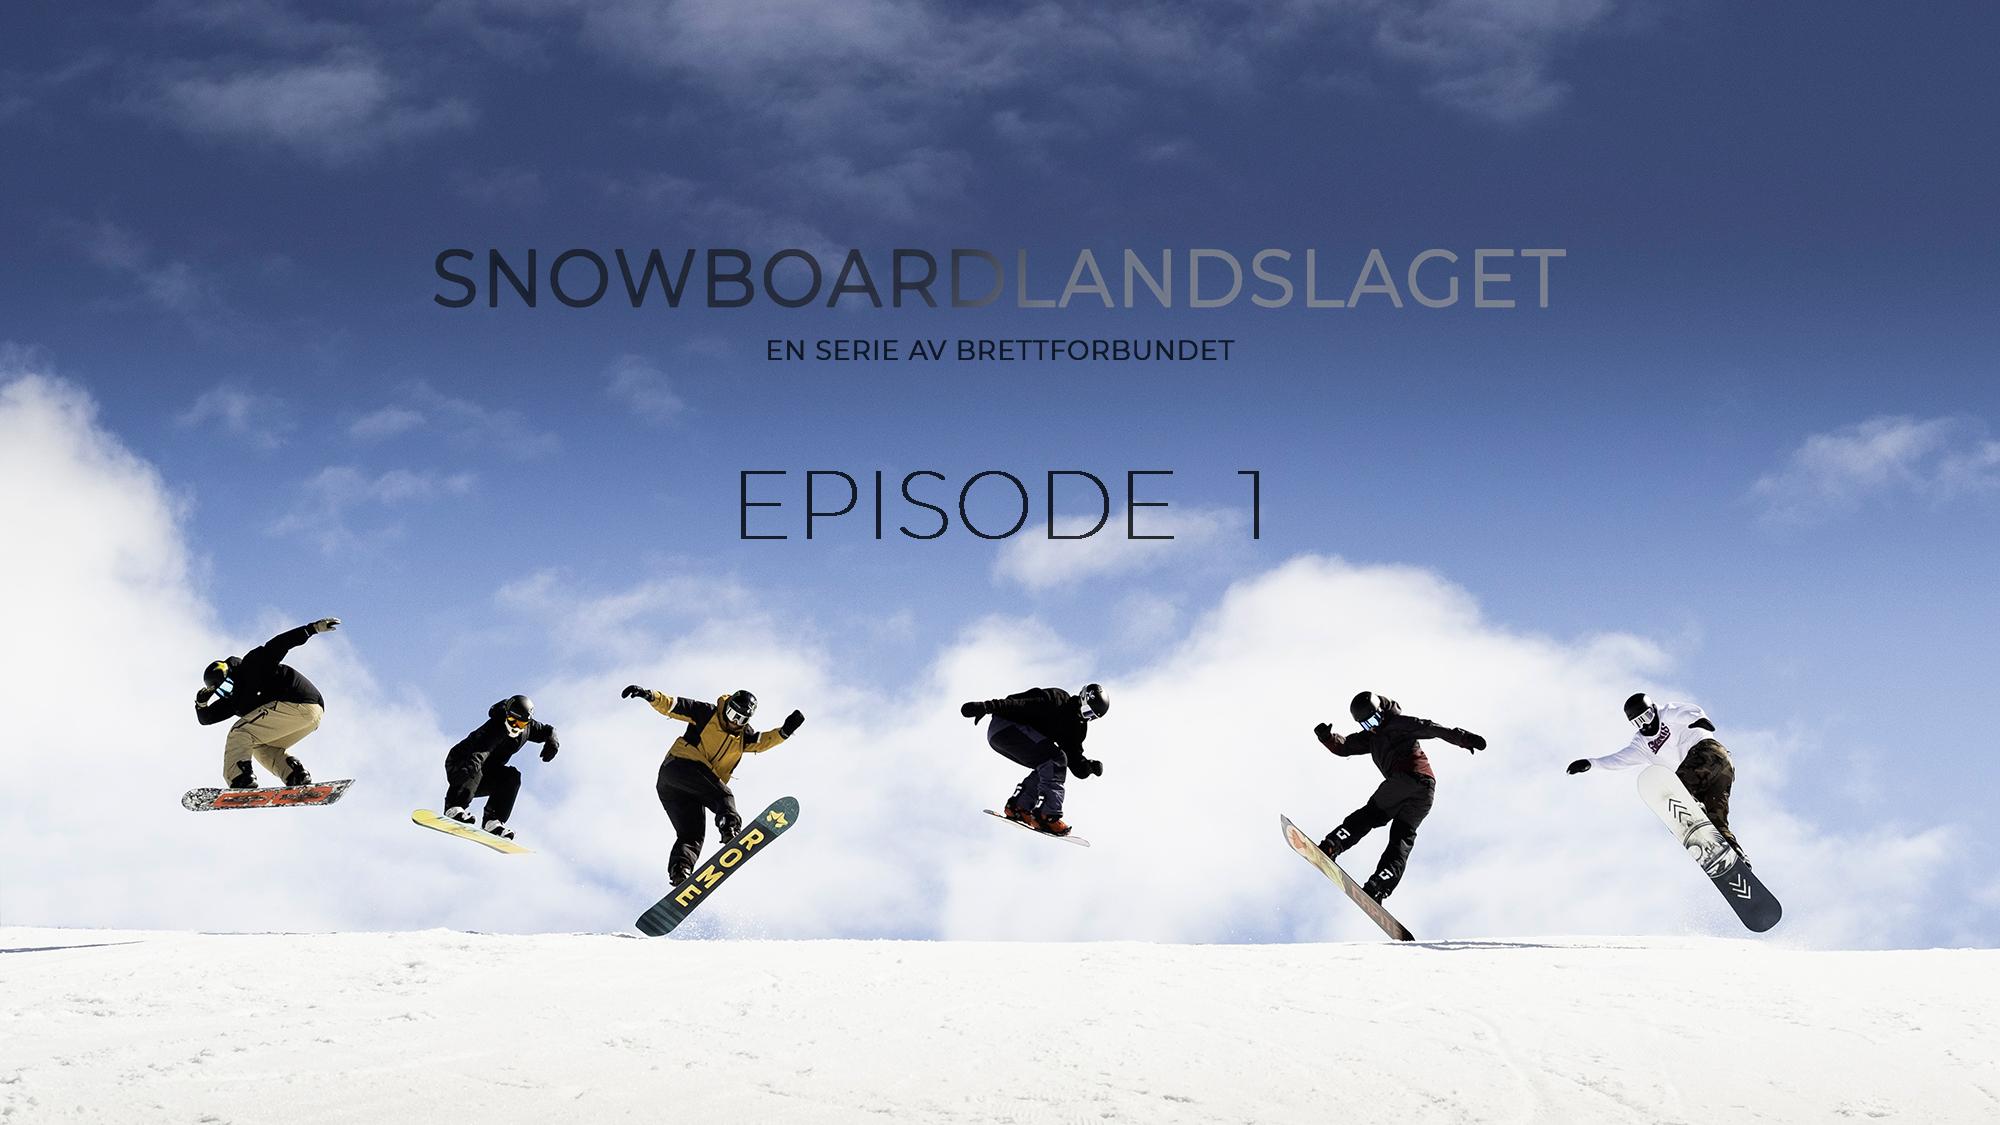 SNOWBOARDLANDSLAGET | Episode 1